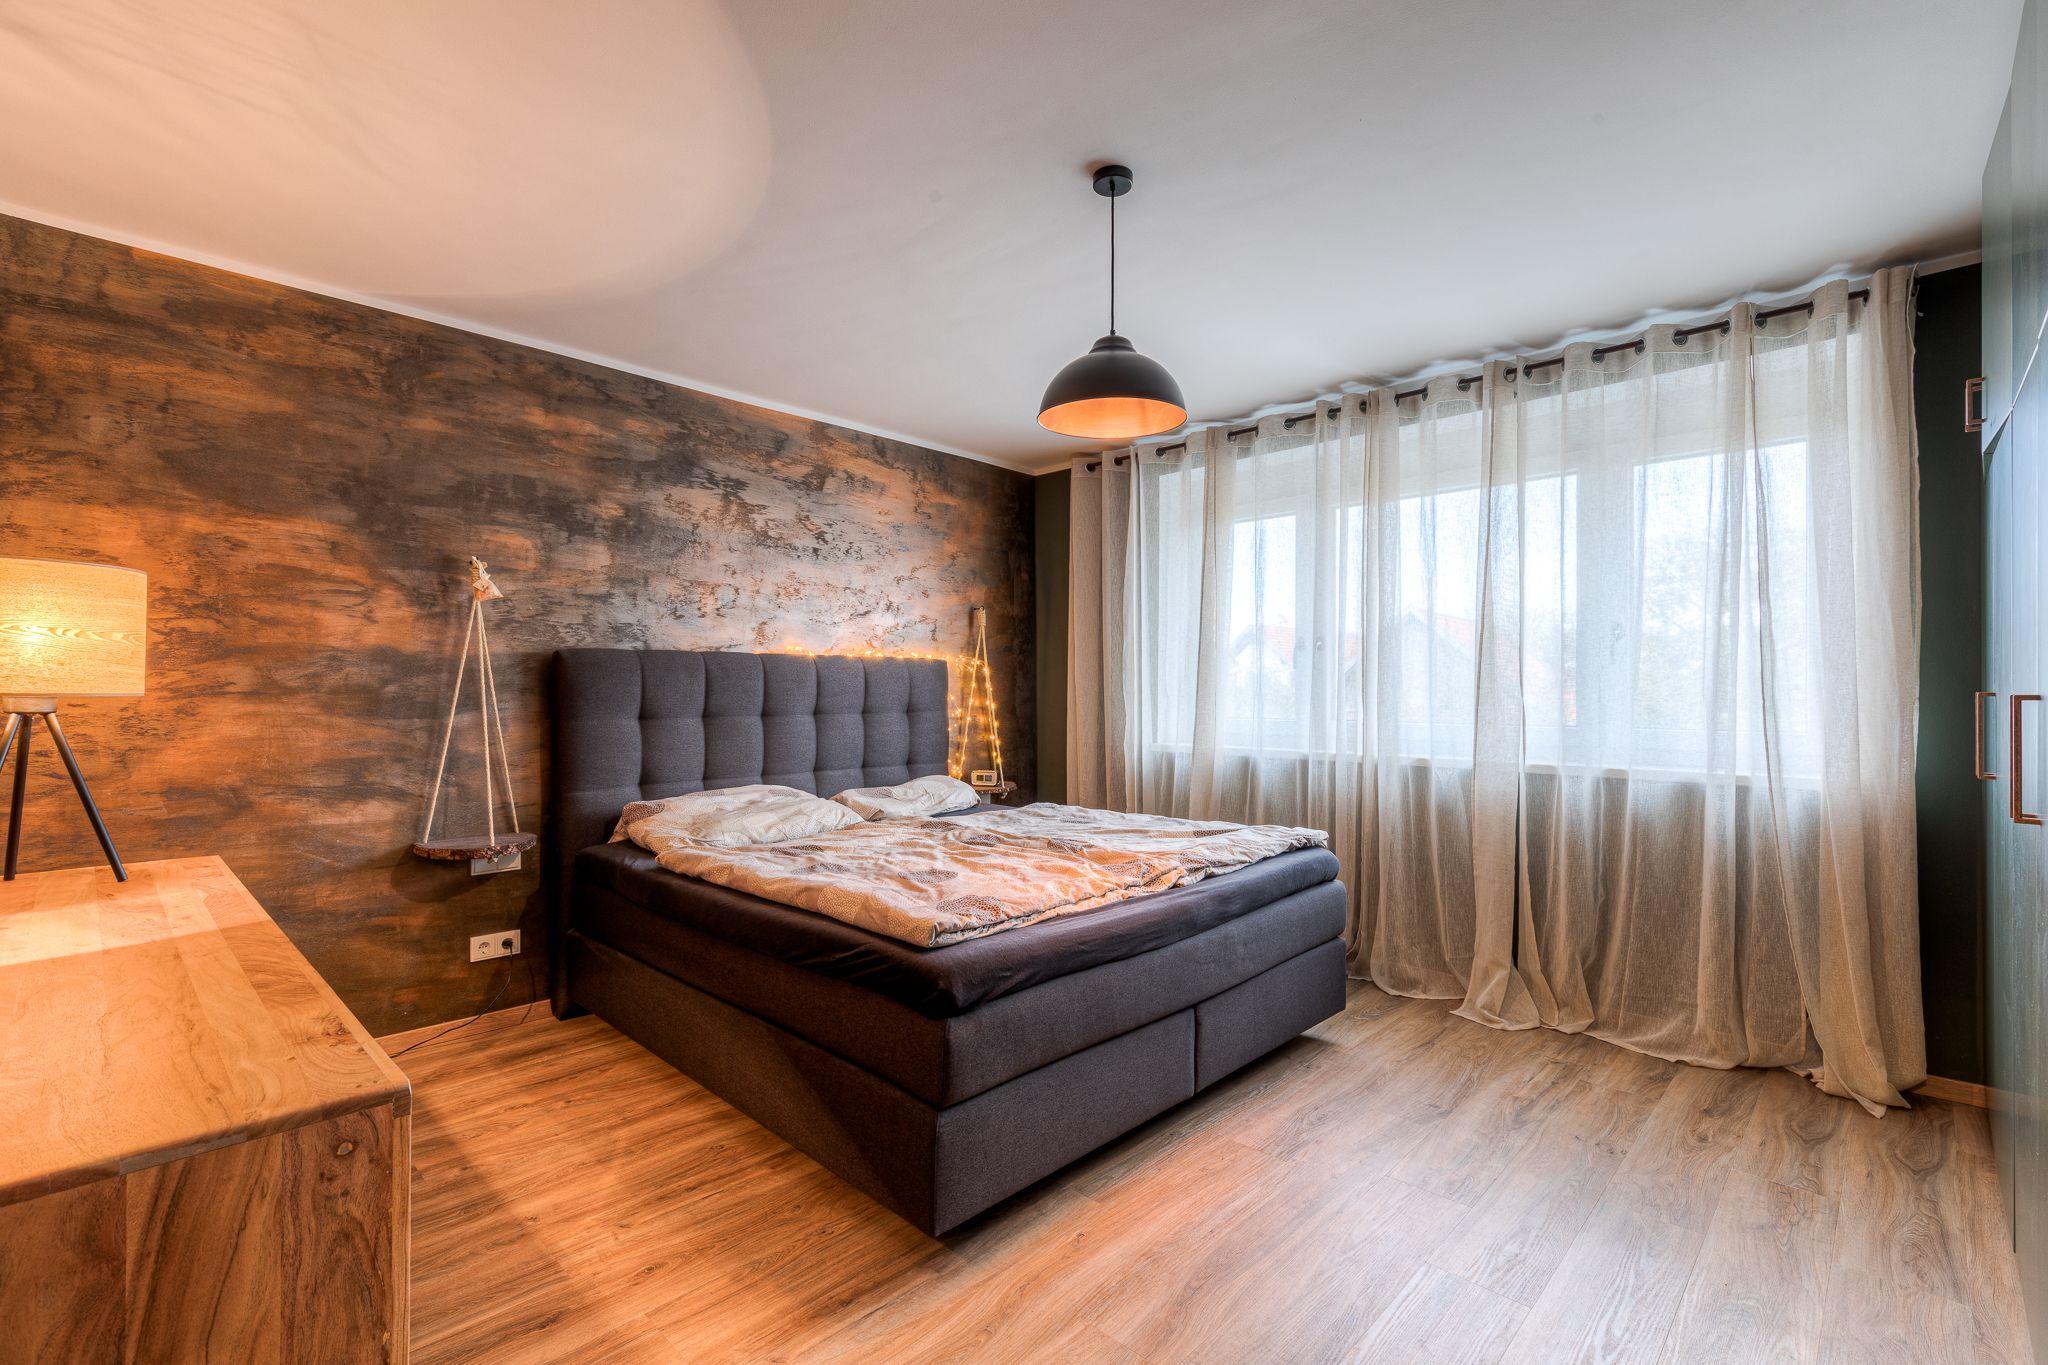 Schlafzimmer altes Haus renovieren Steiner1 - Wie man alten Häusern neues Leben einhaucht